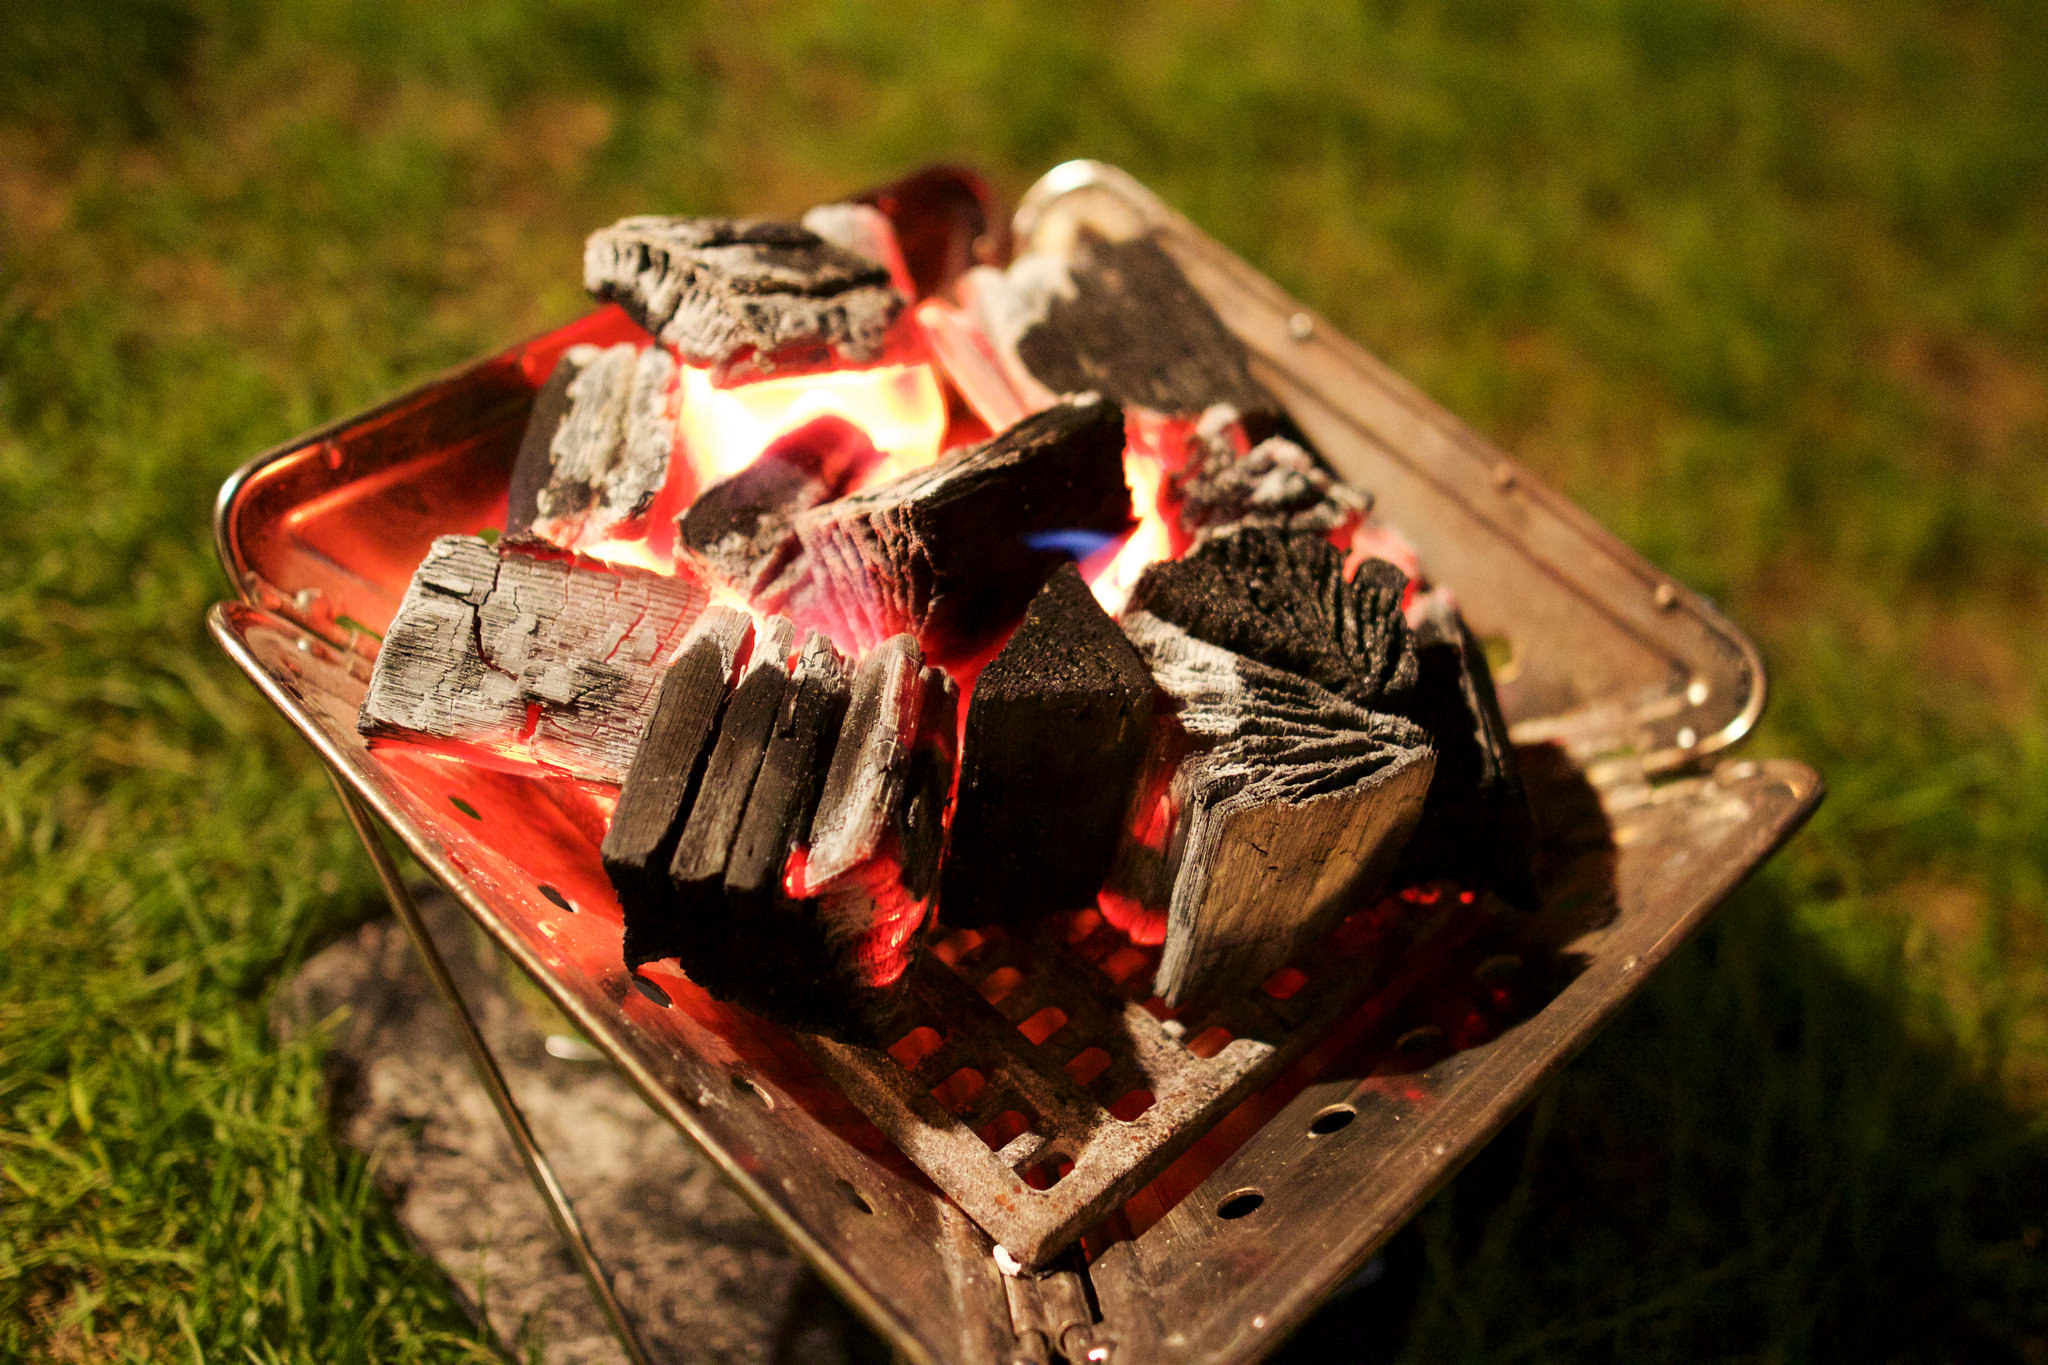 ハズさない焚き火台とその理由5選。大定番から変わり種、焚き火台まわりのアイテムもまとめて紹介